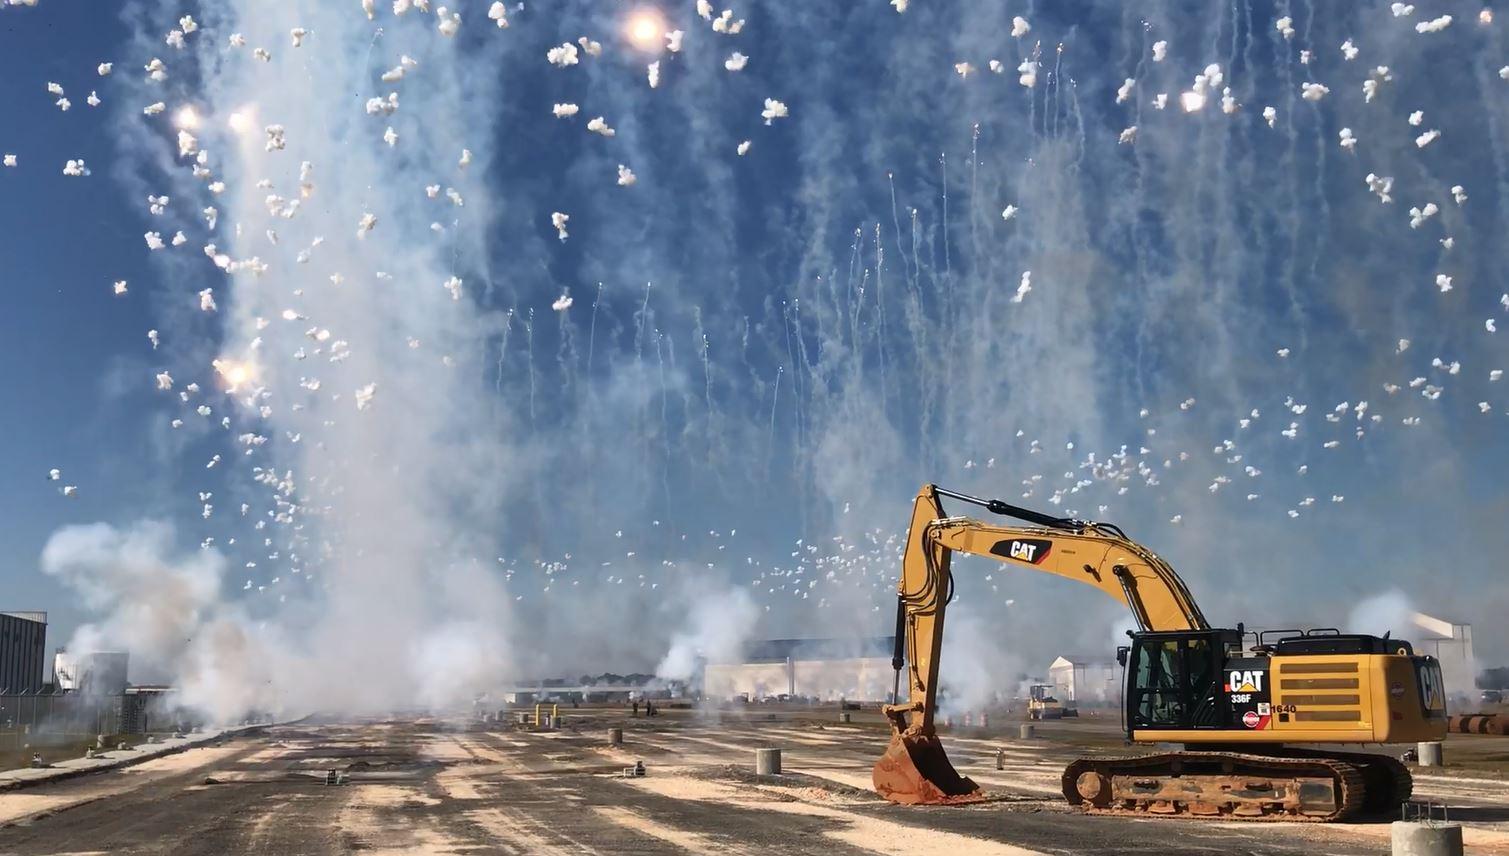 airbus fireworks 1_1547666606144.JPG.jpg